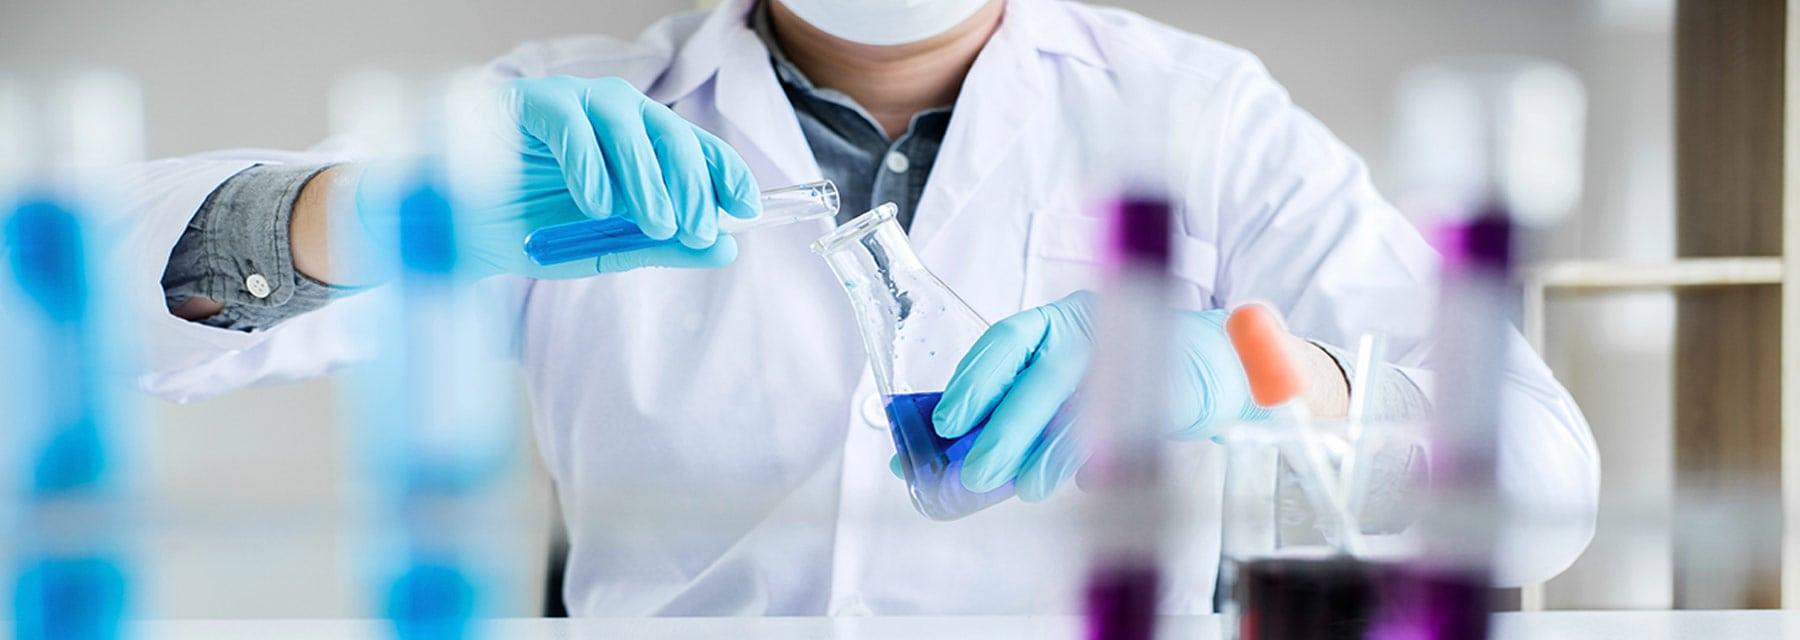 Diferencia entre un bioquímico y un biólogo